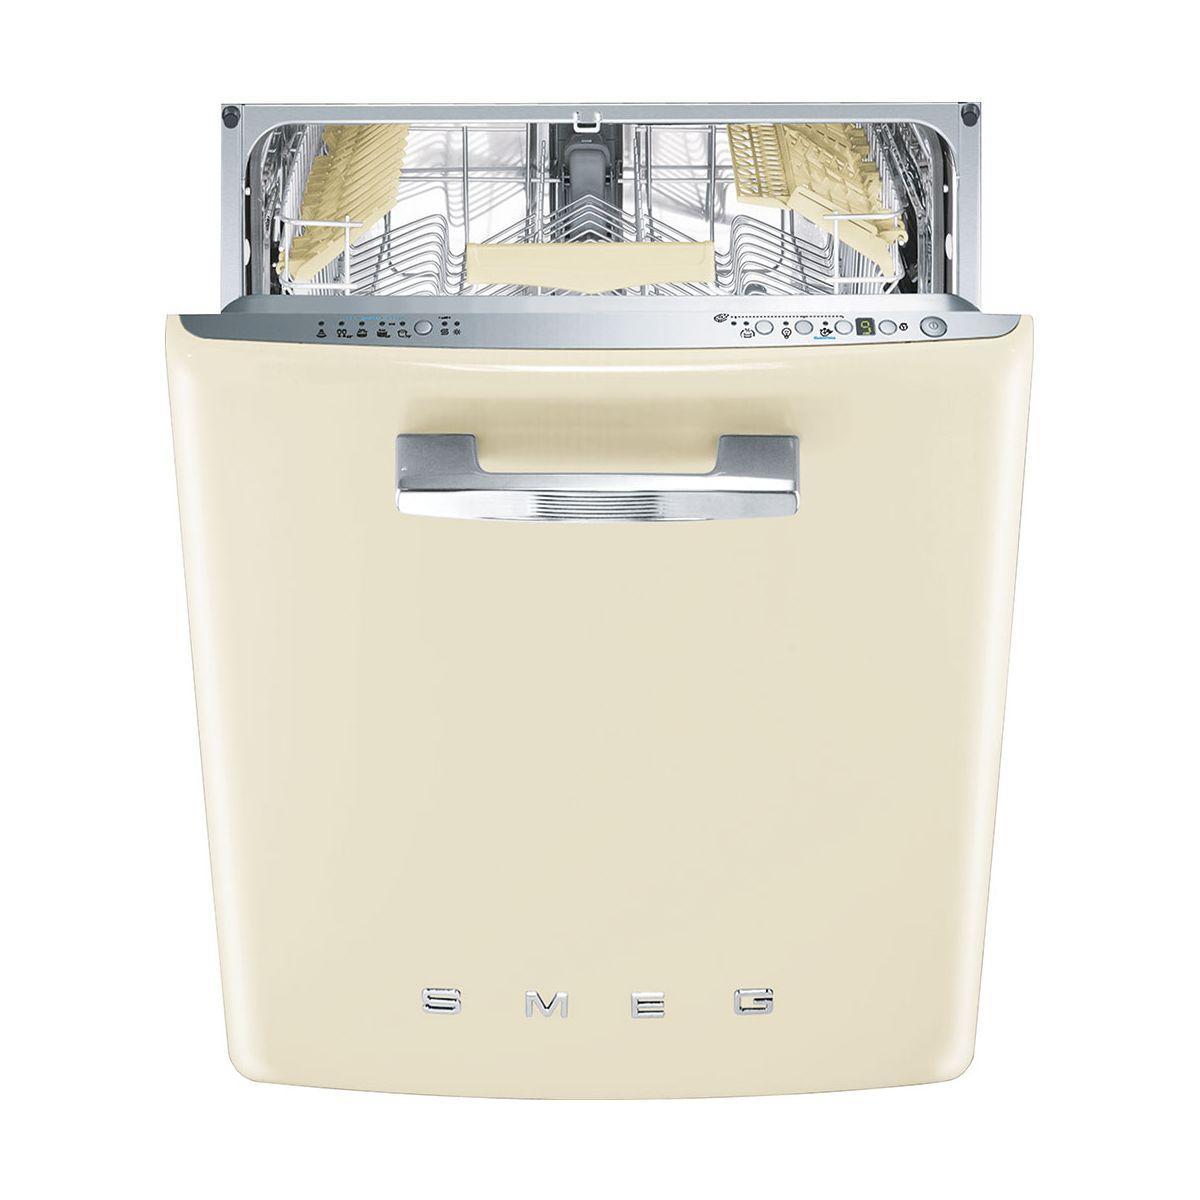 Lave vaisselle tout int?grable smeg st2fabcr - livraison offer...